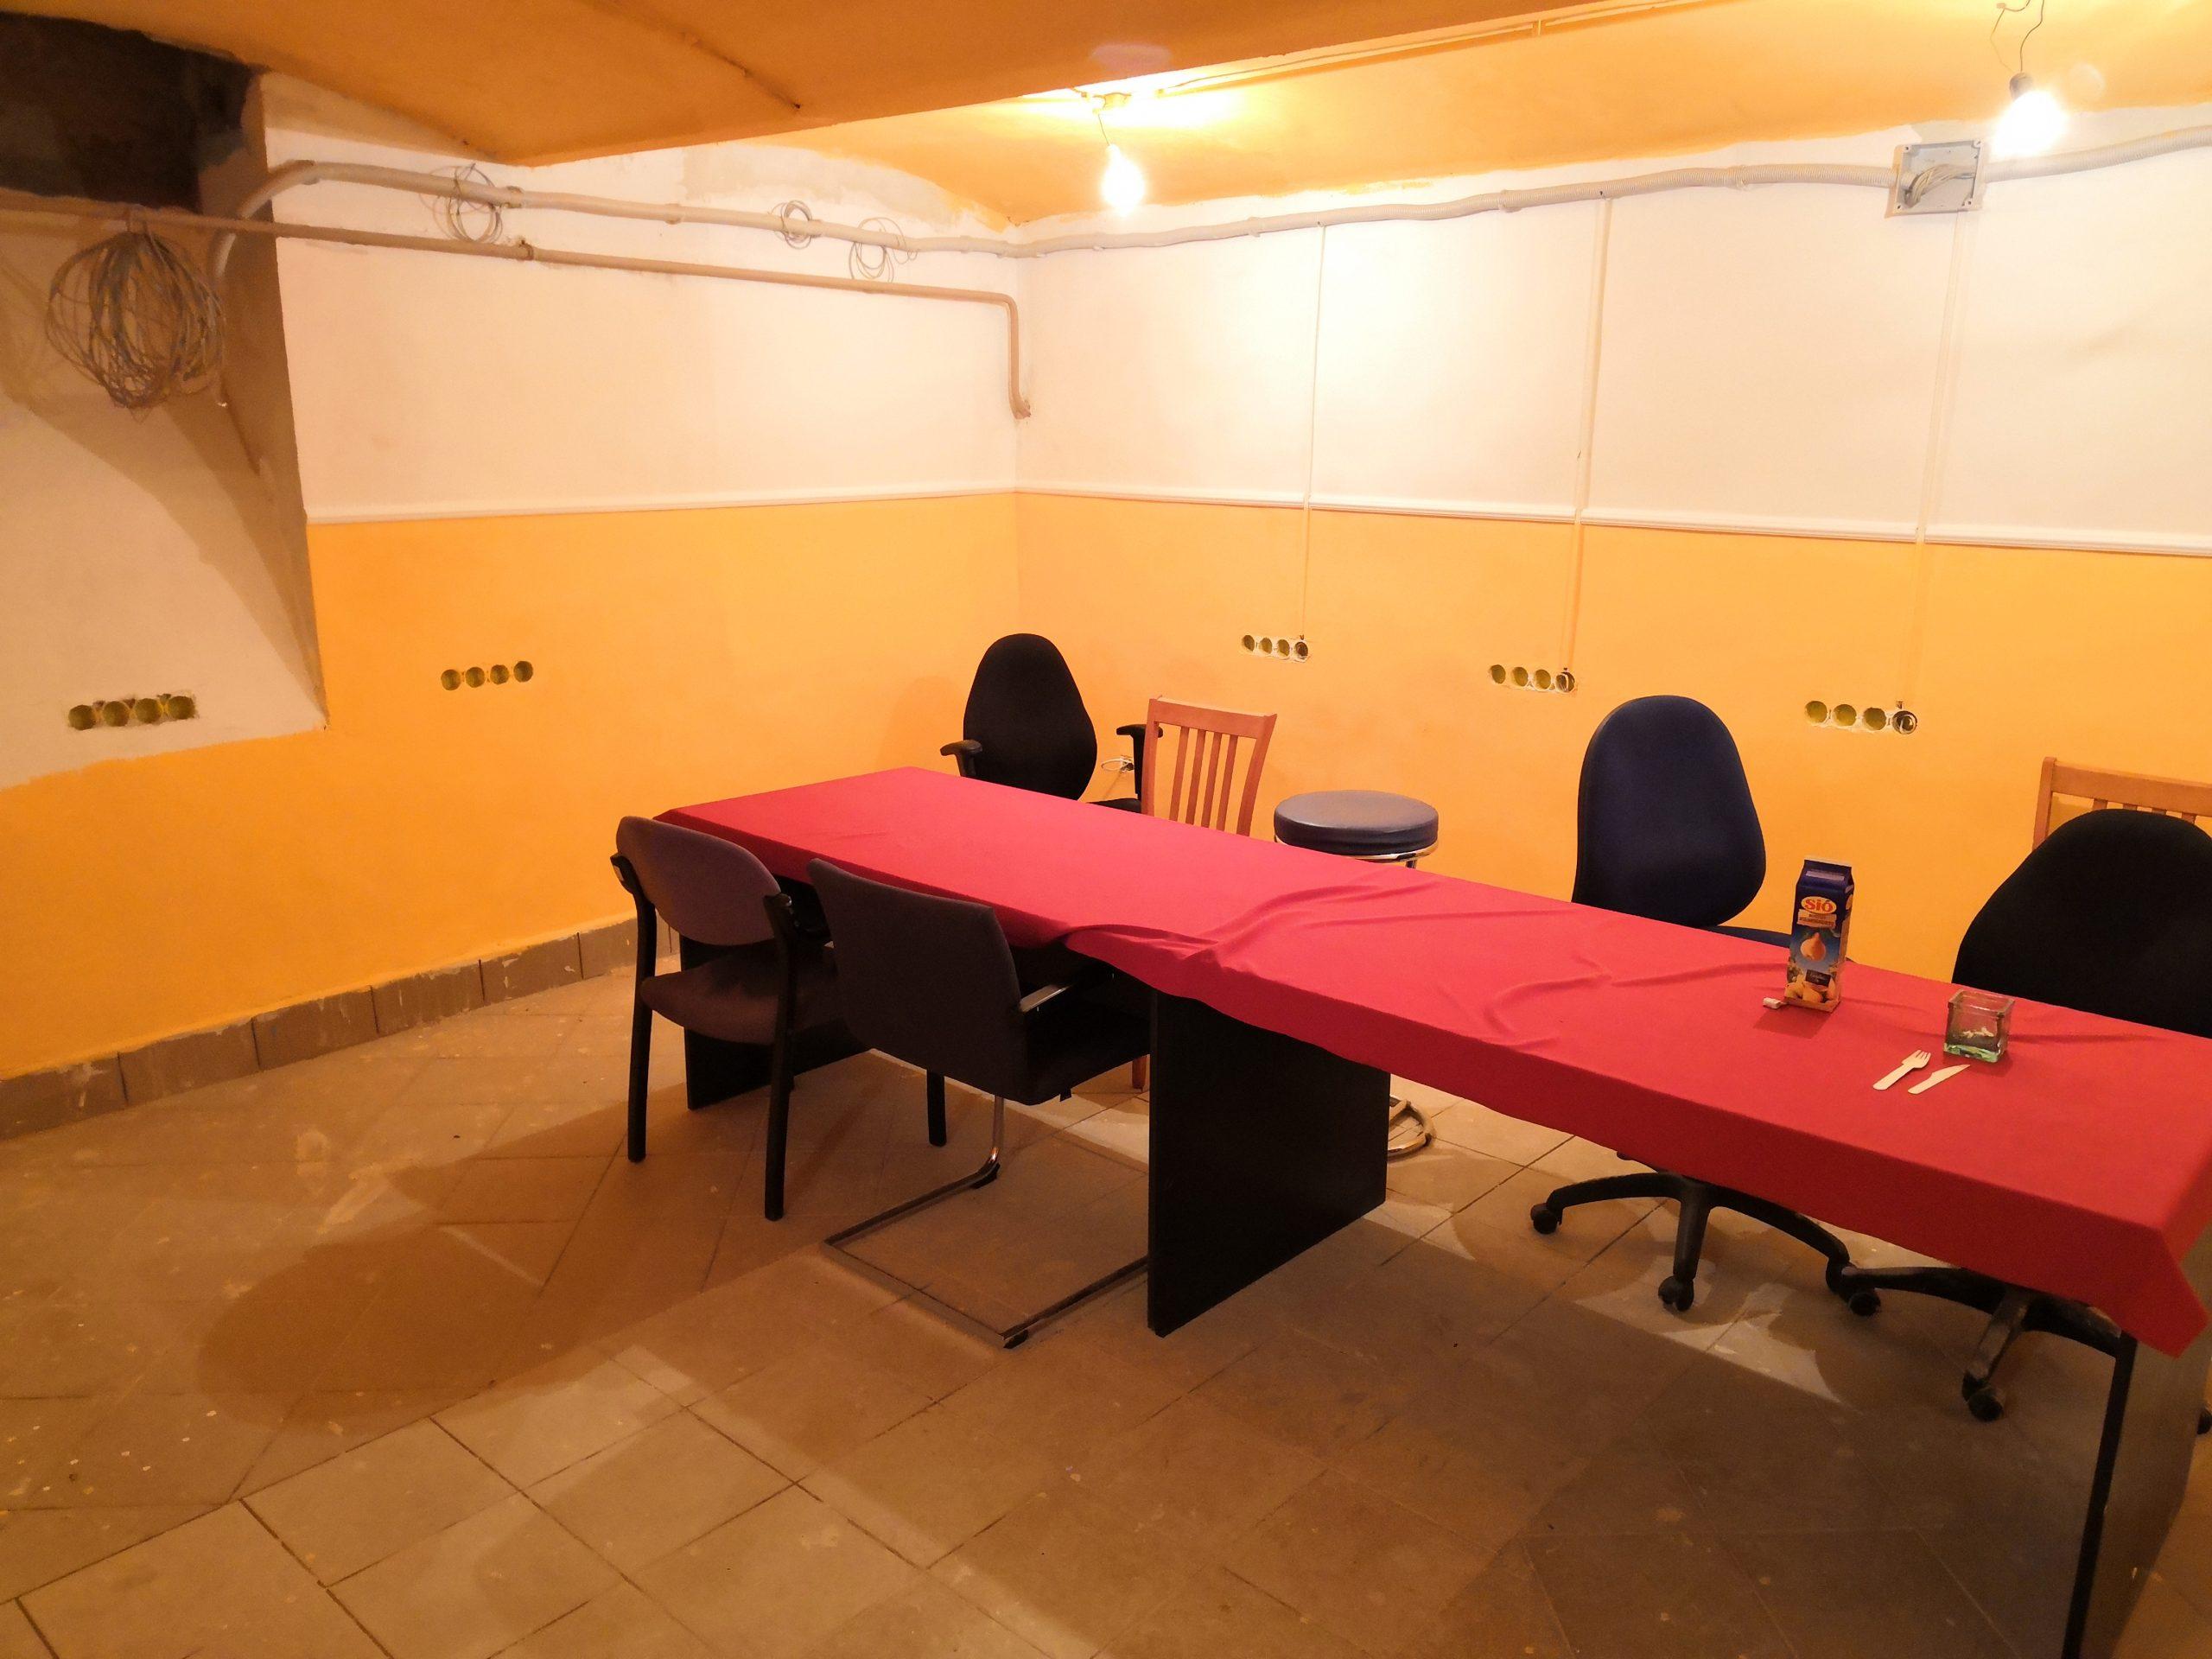 Asztalok terítővel és székek az oktatóteremben 1